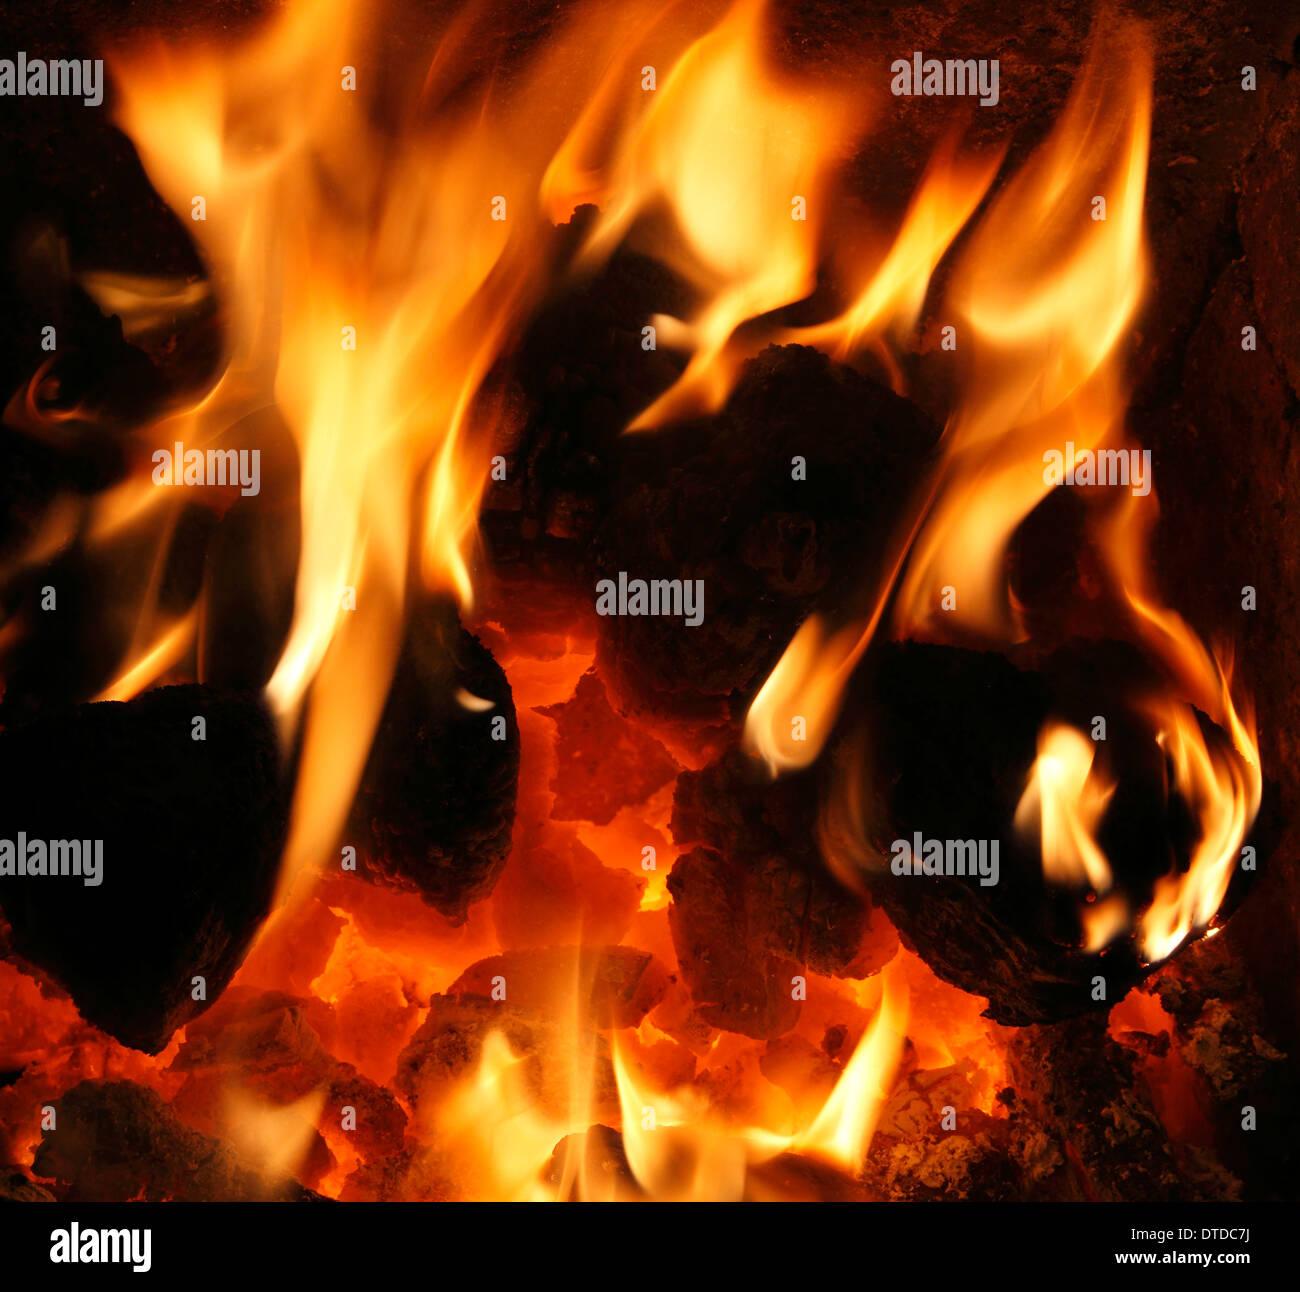 Feste Brennstoffe, heimische Kohle, Feuer, Flamme, Flammen Herz Kamin Wärme Energie macht Feuer Wärme warmen Hauptfeuer Stockbild